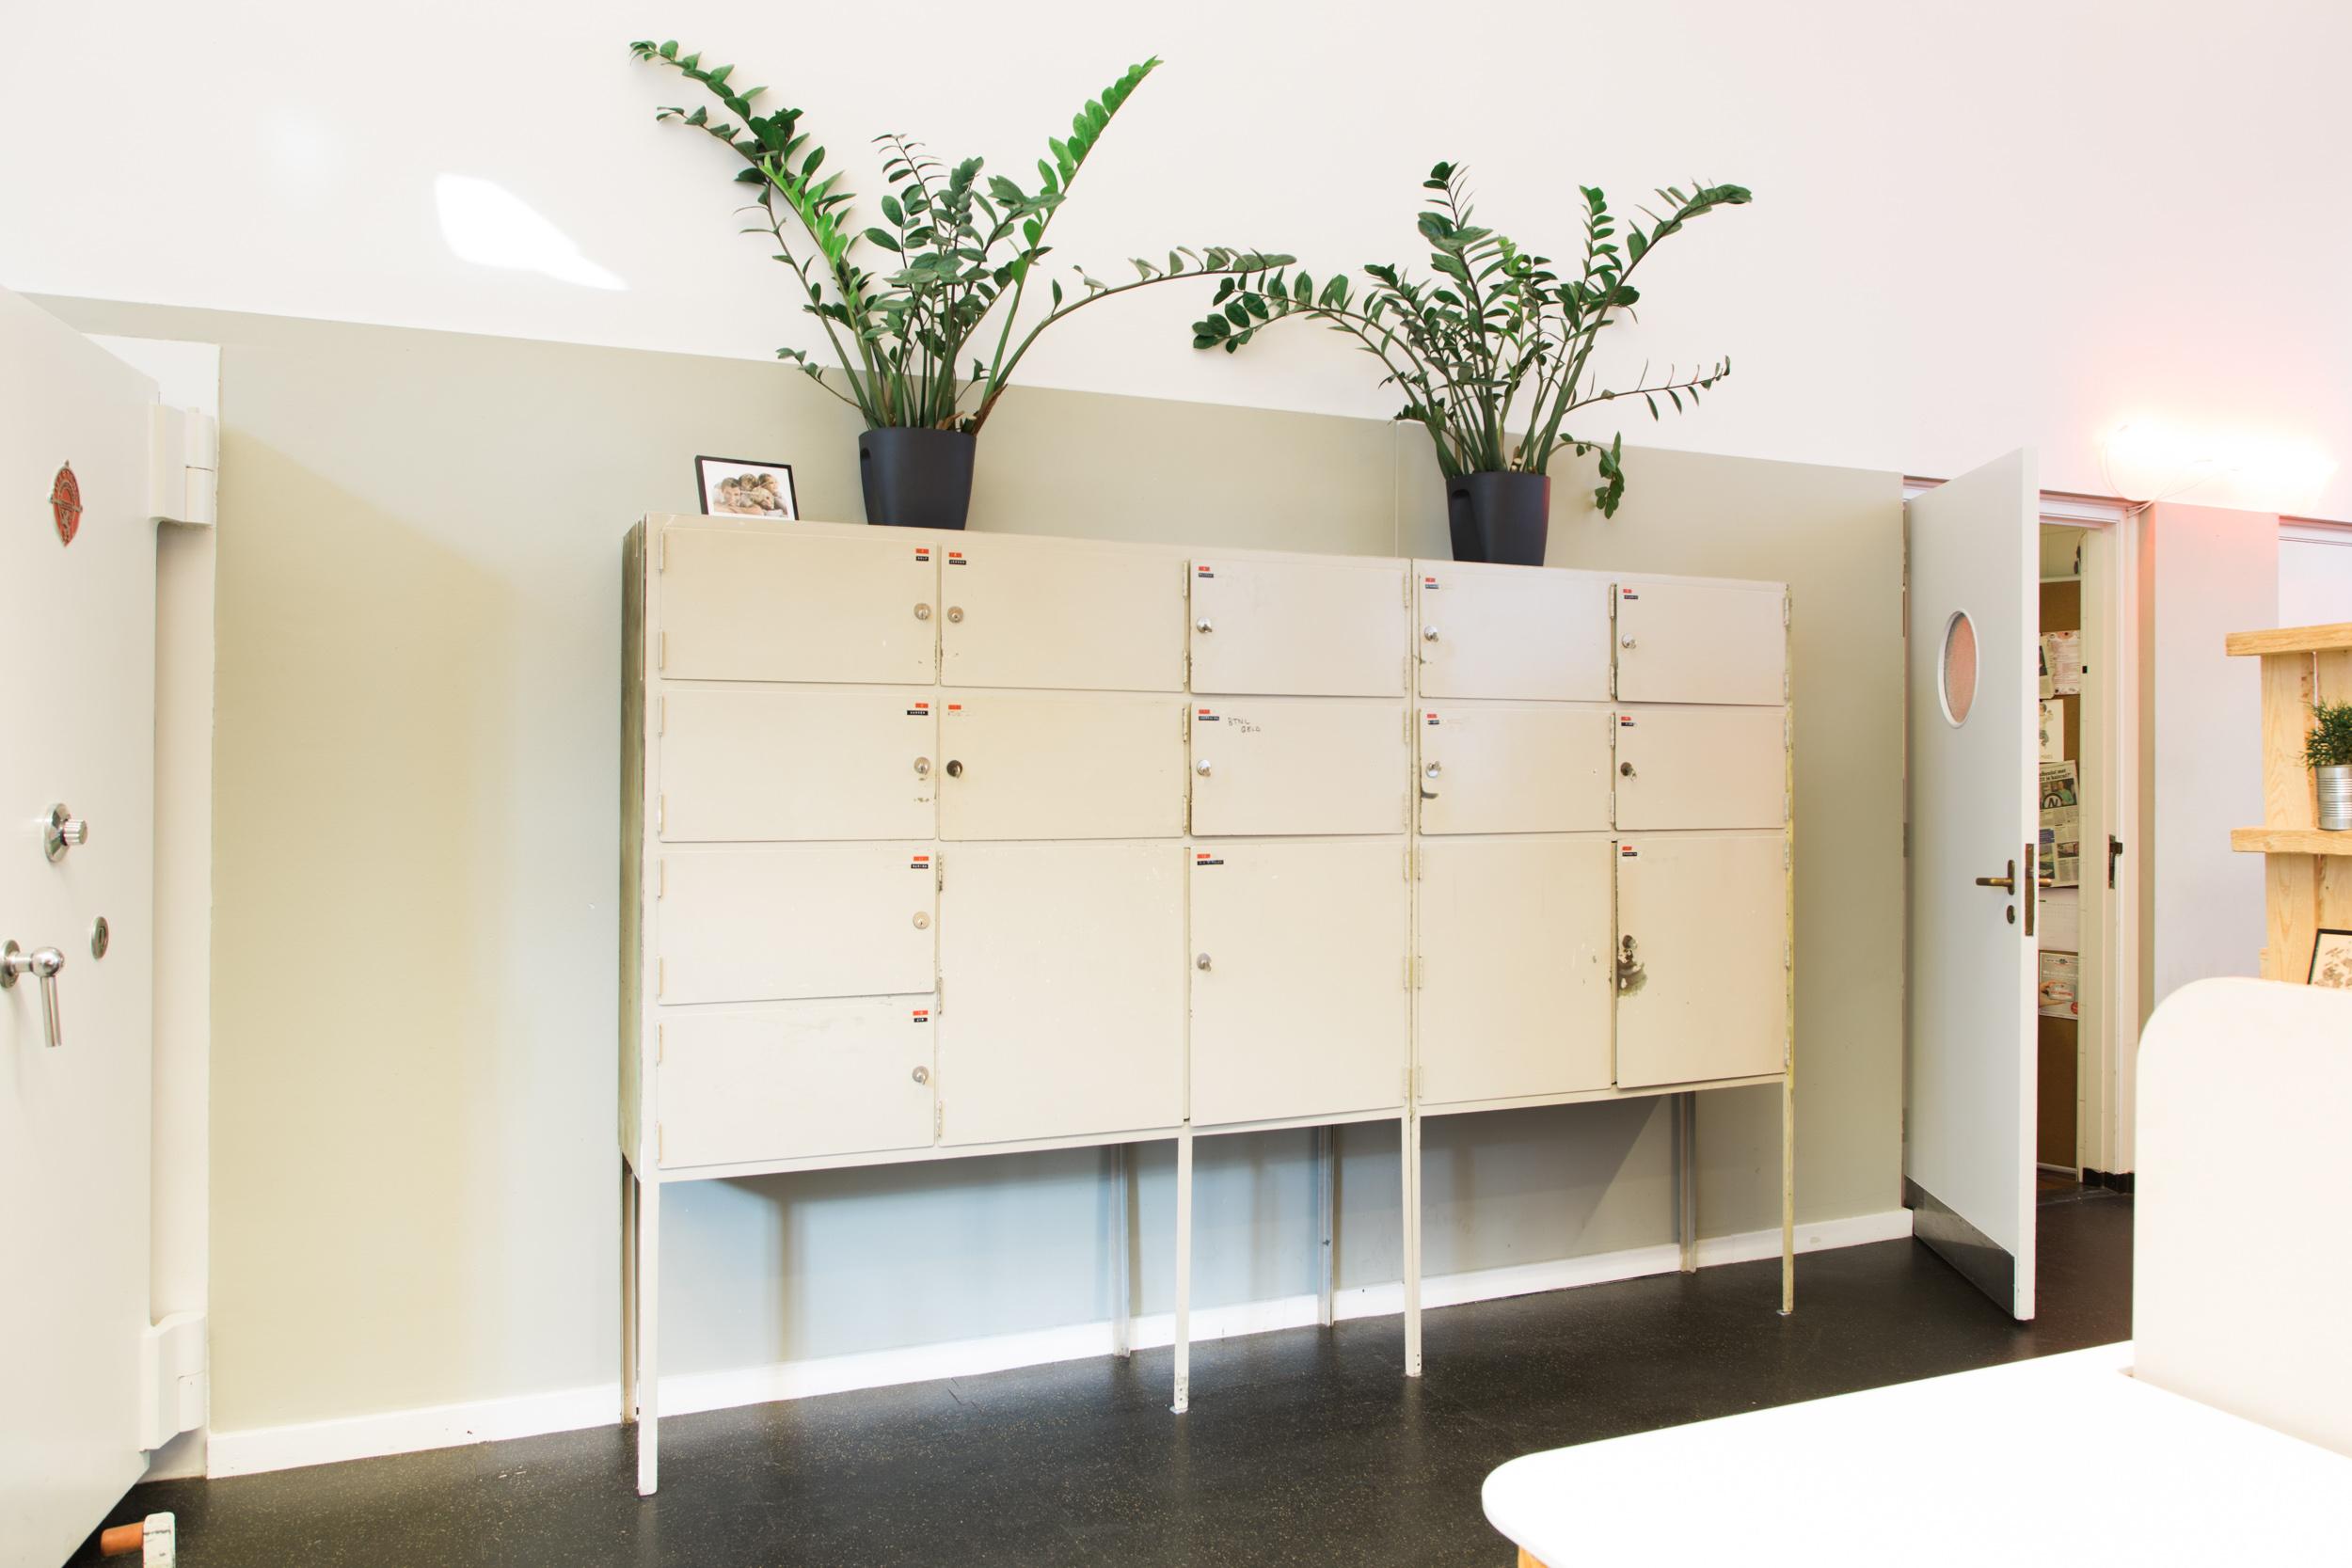 Grrr-Amsterdam-kantoor-lockers